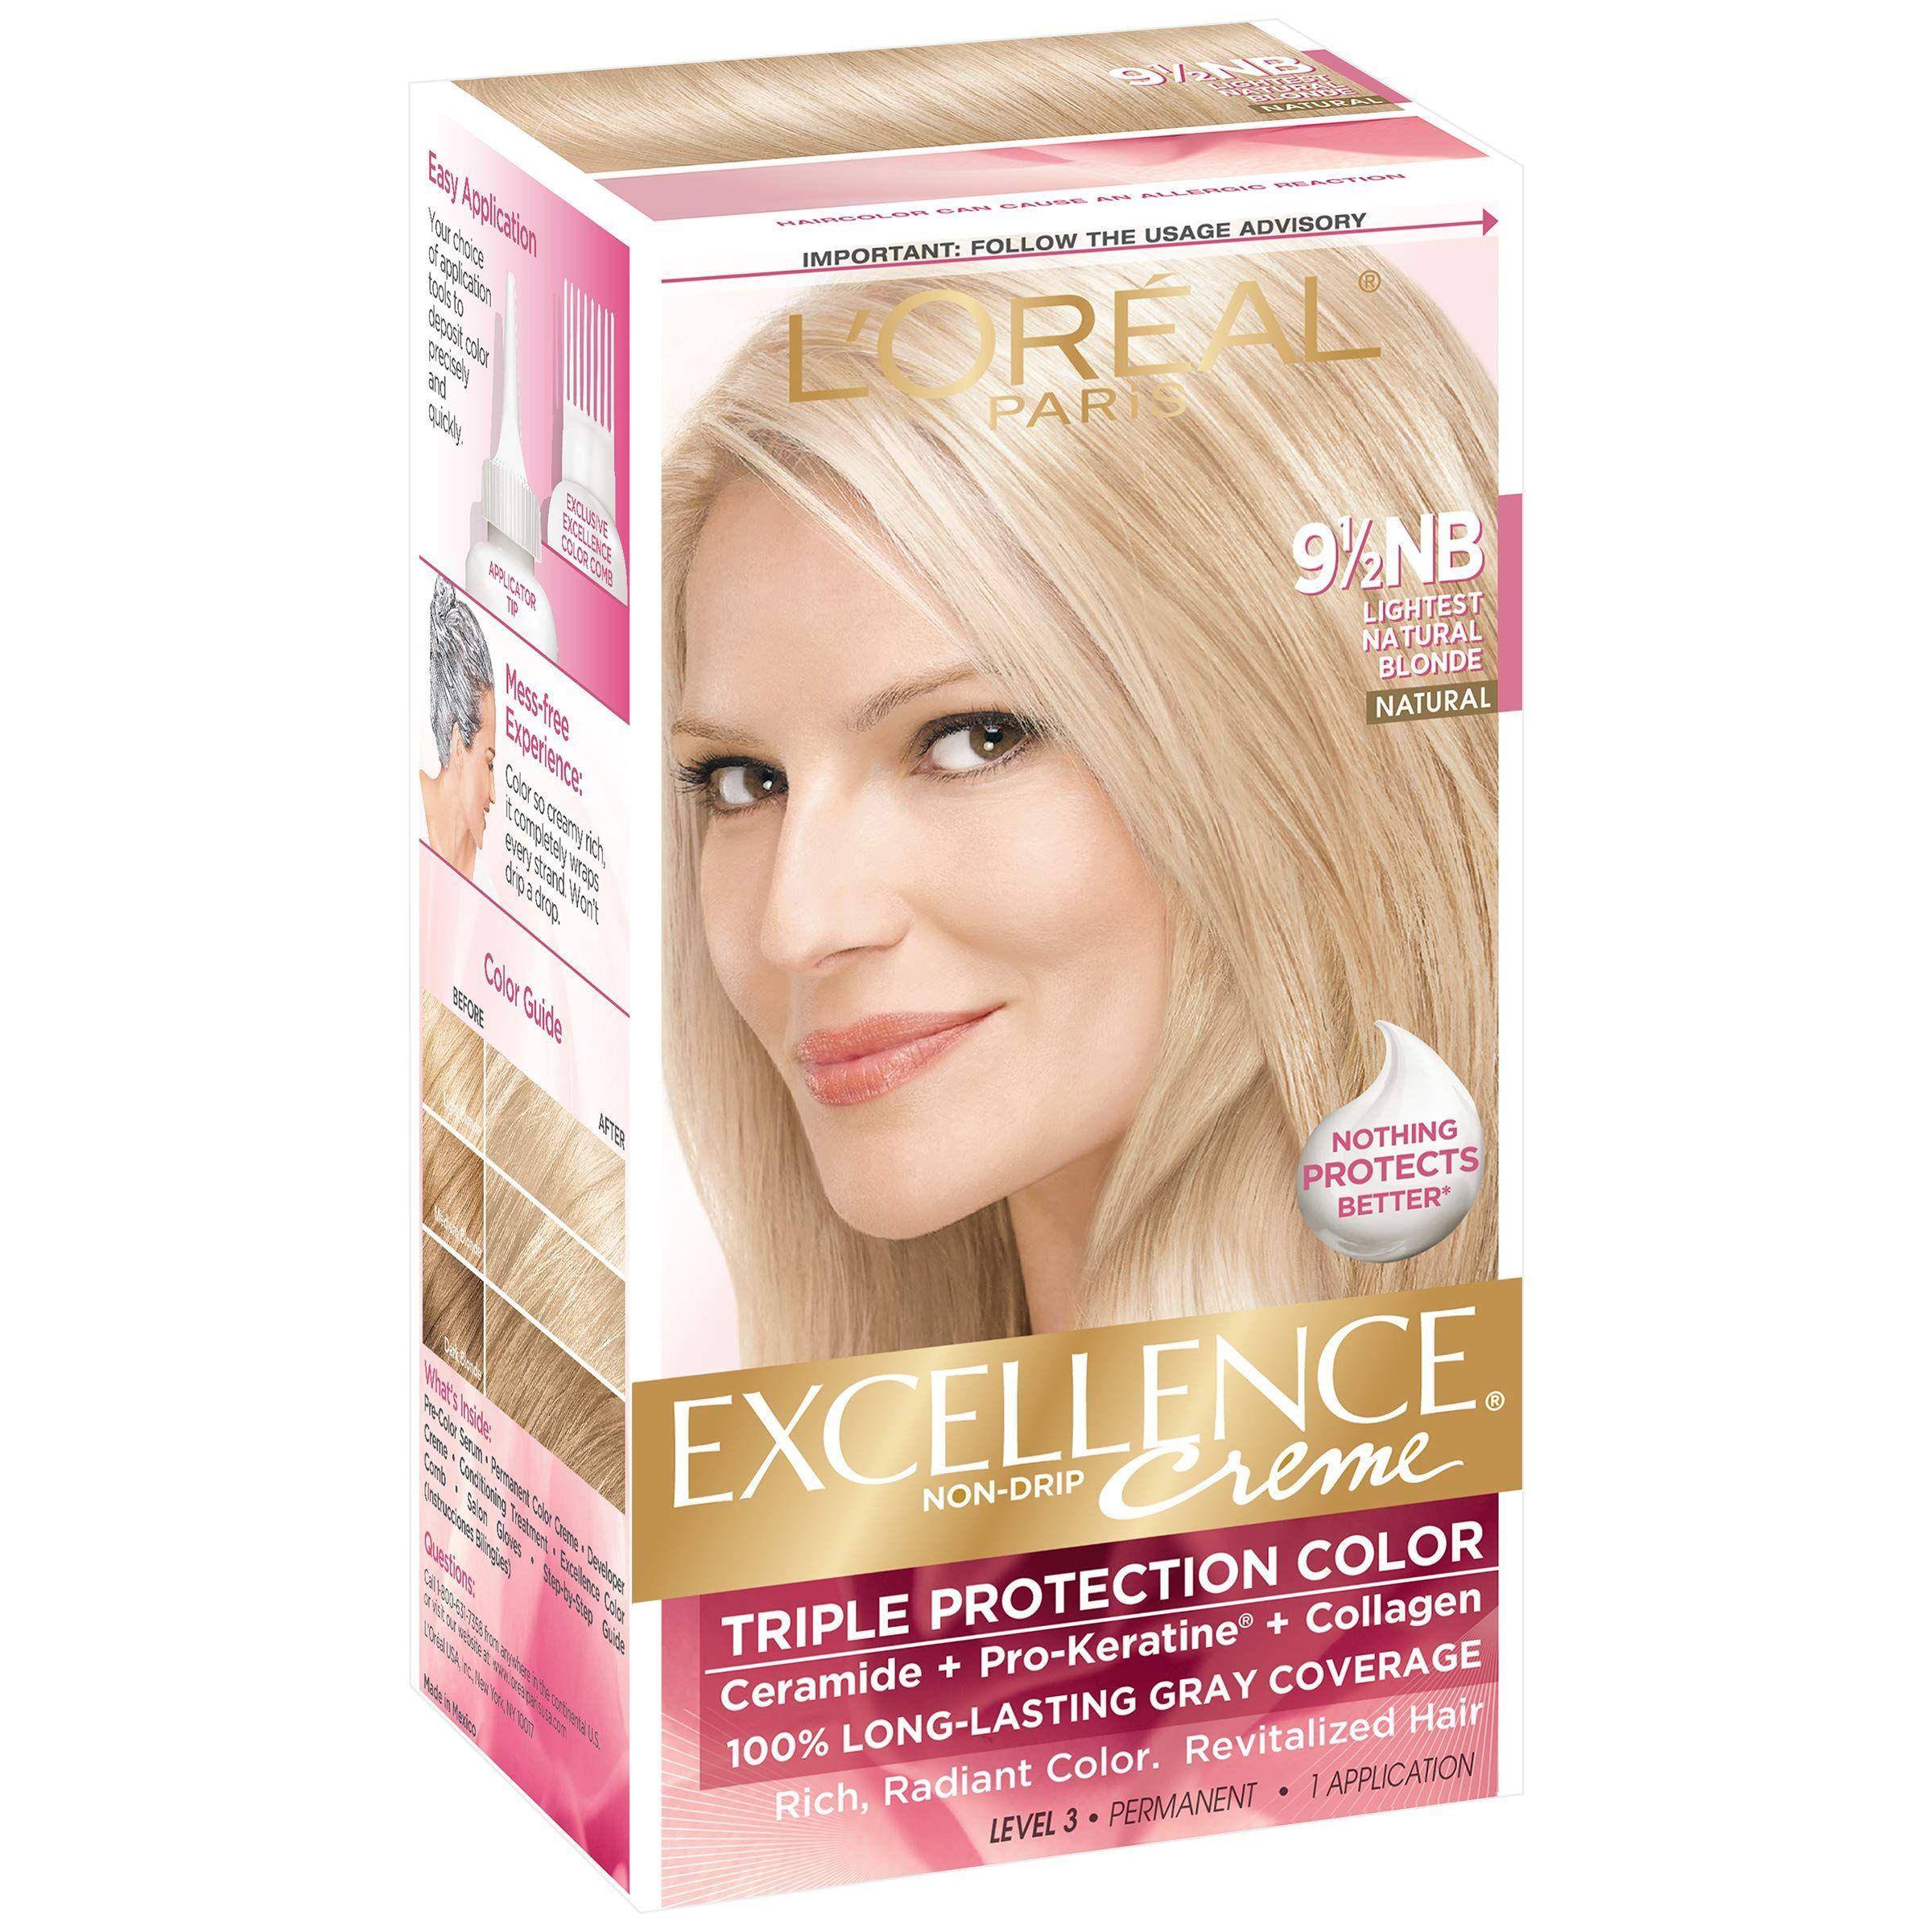 L Oreal Excellence Creme 9 1 2nb Lightest Natural Blonde